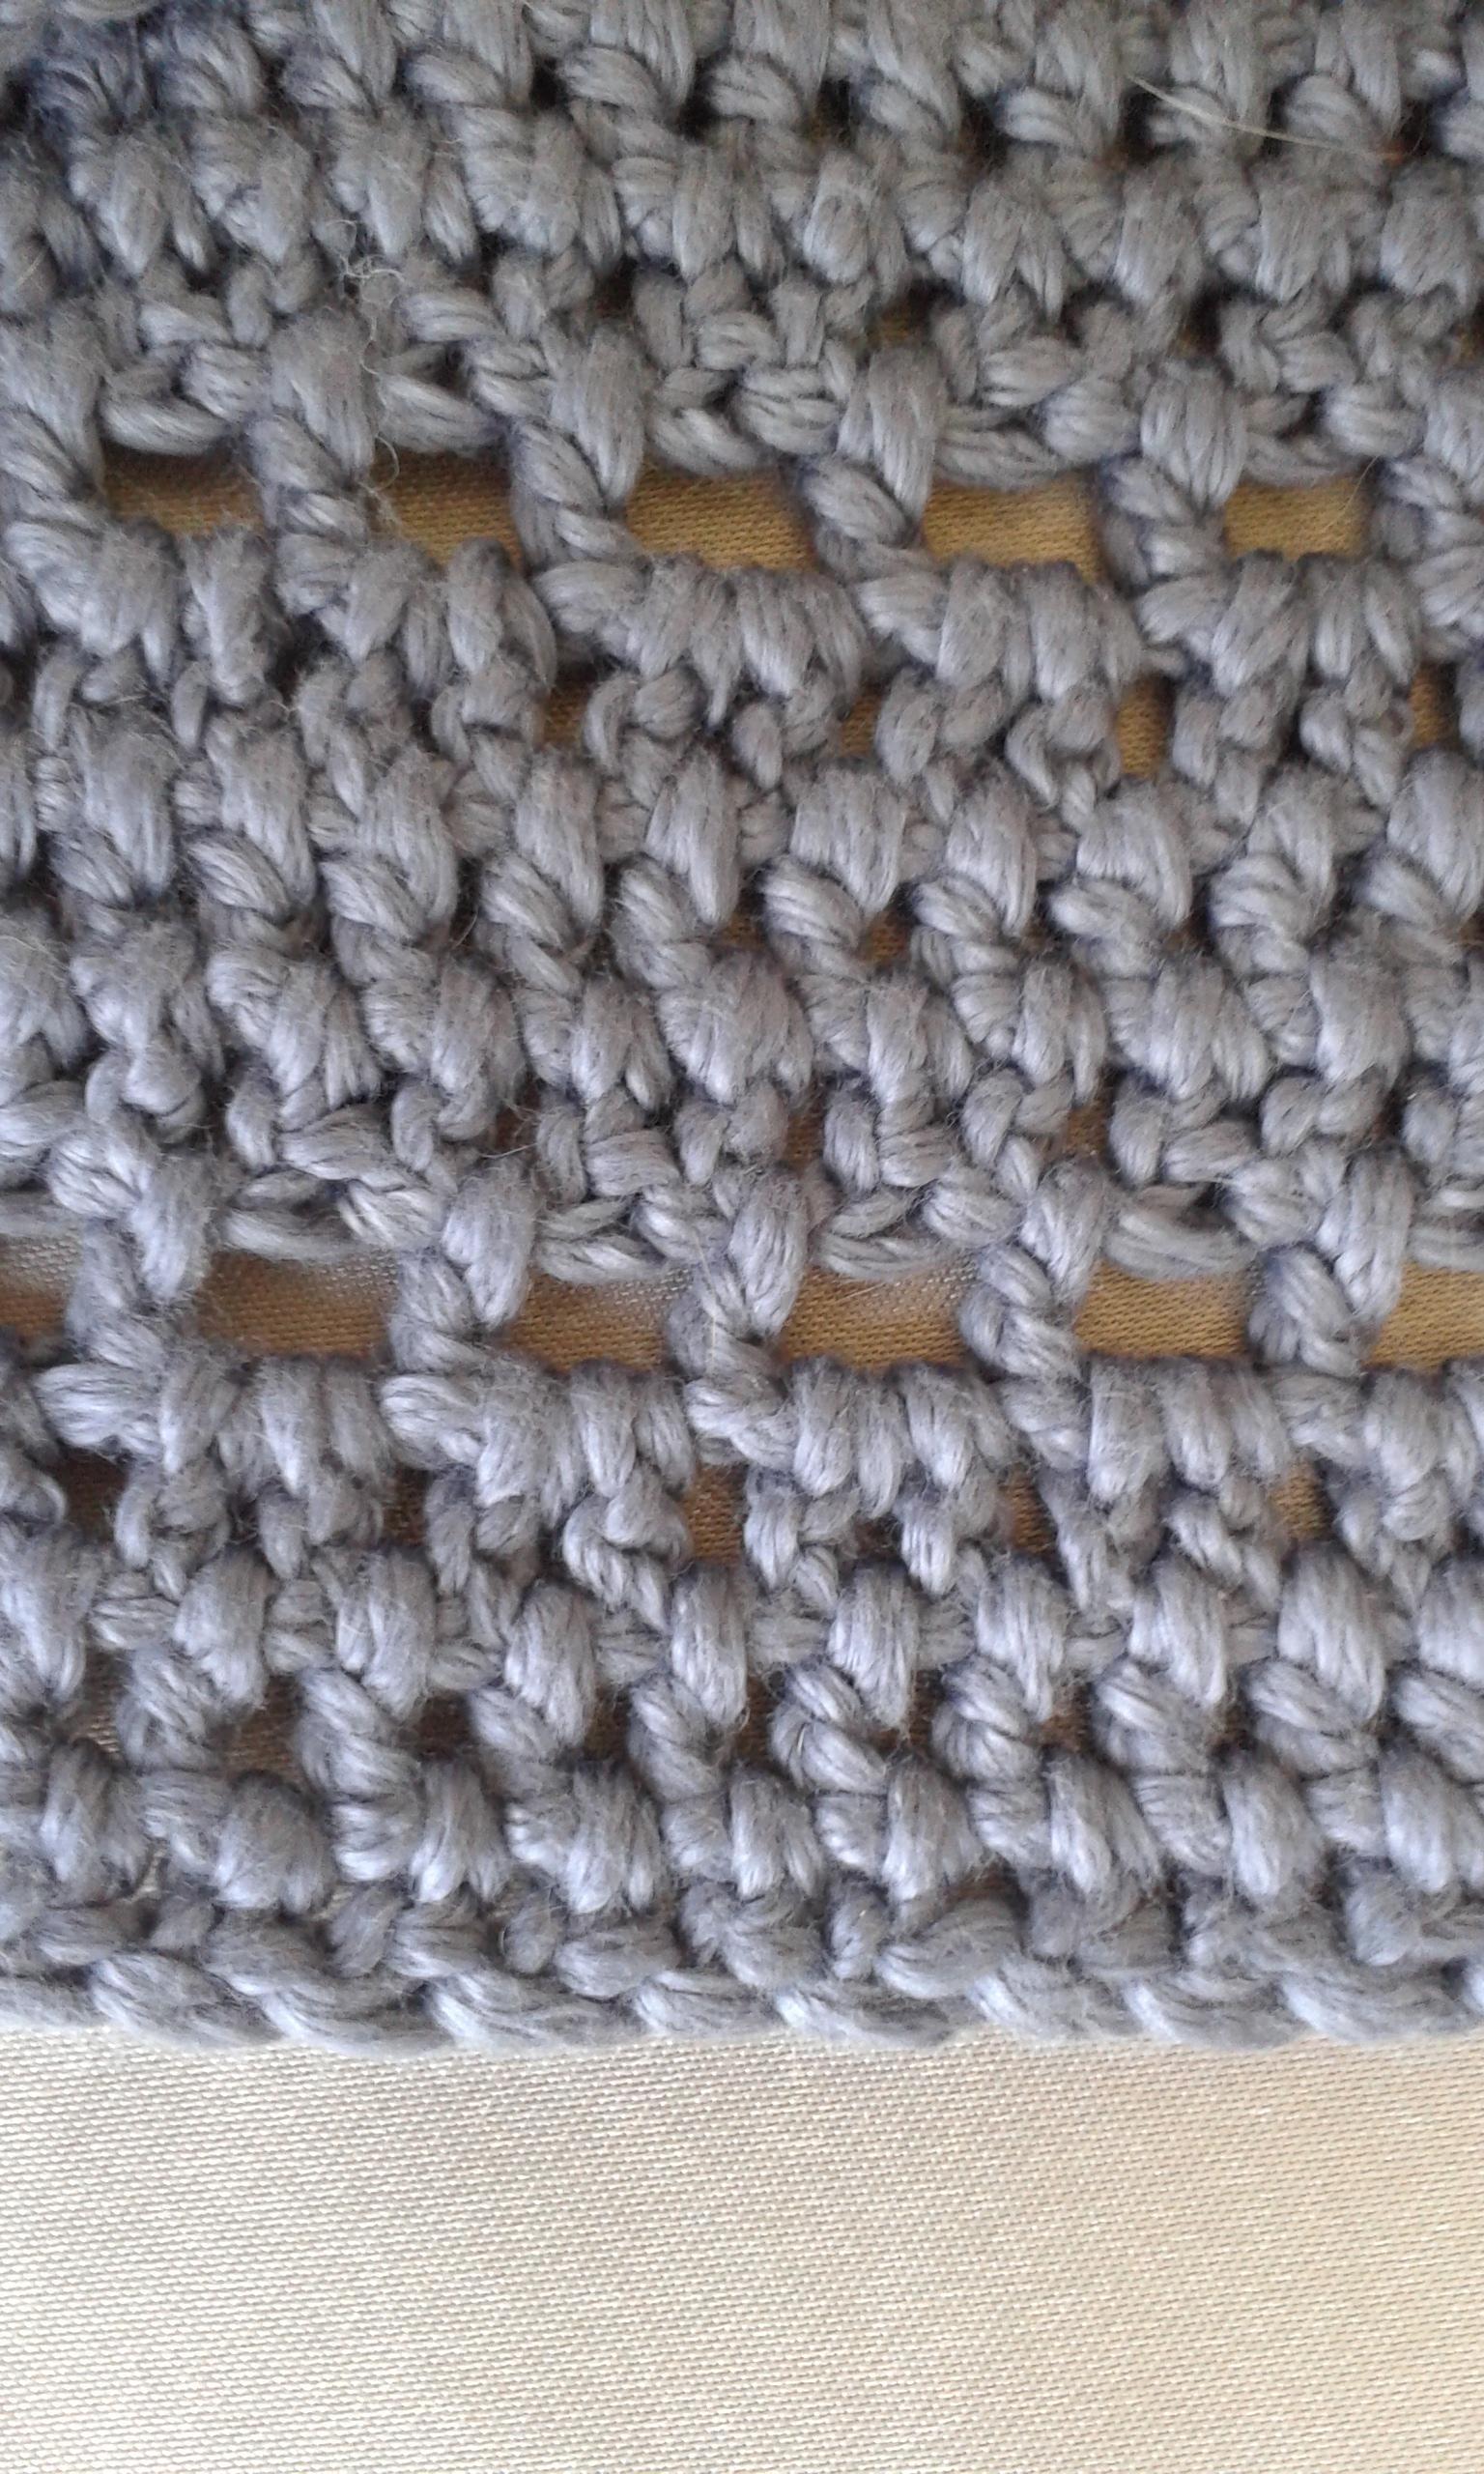 snood bleu chouette kit bride crochet morue 7 – le blog de vieille